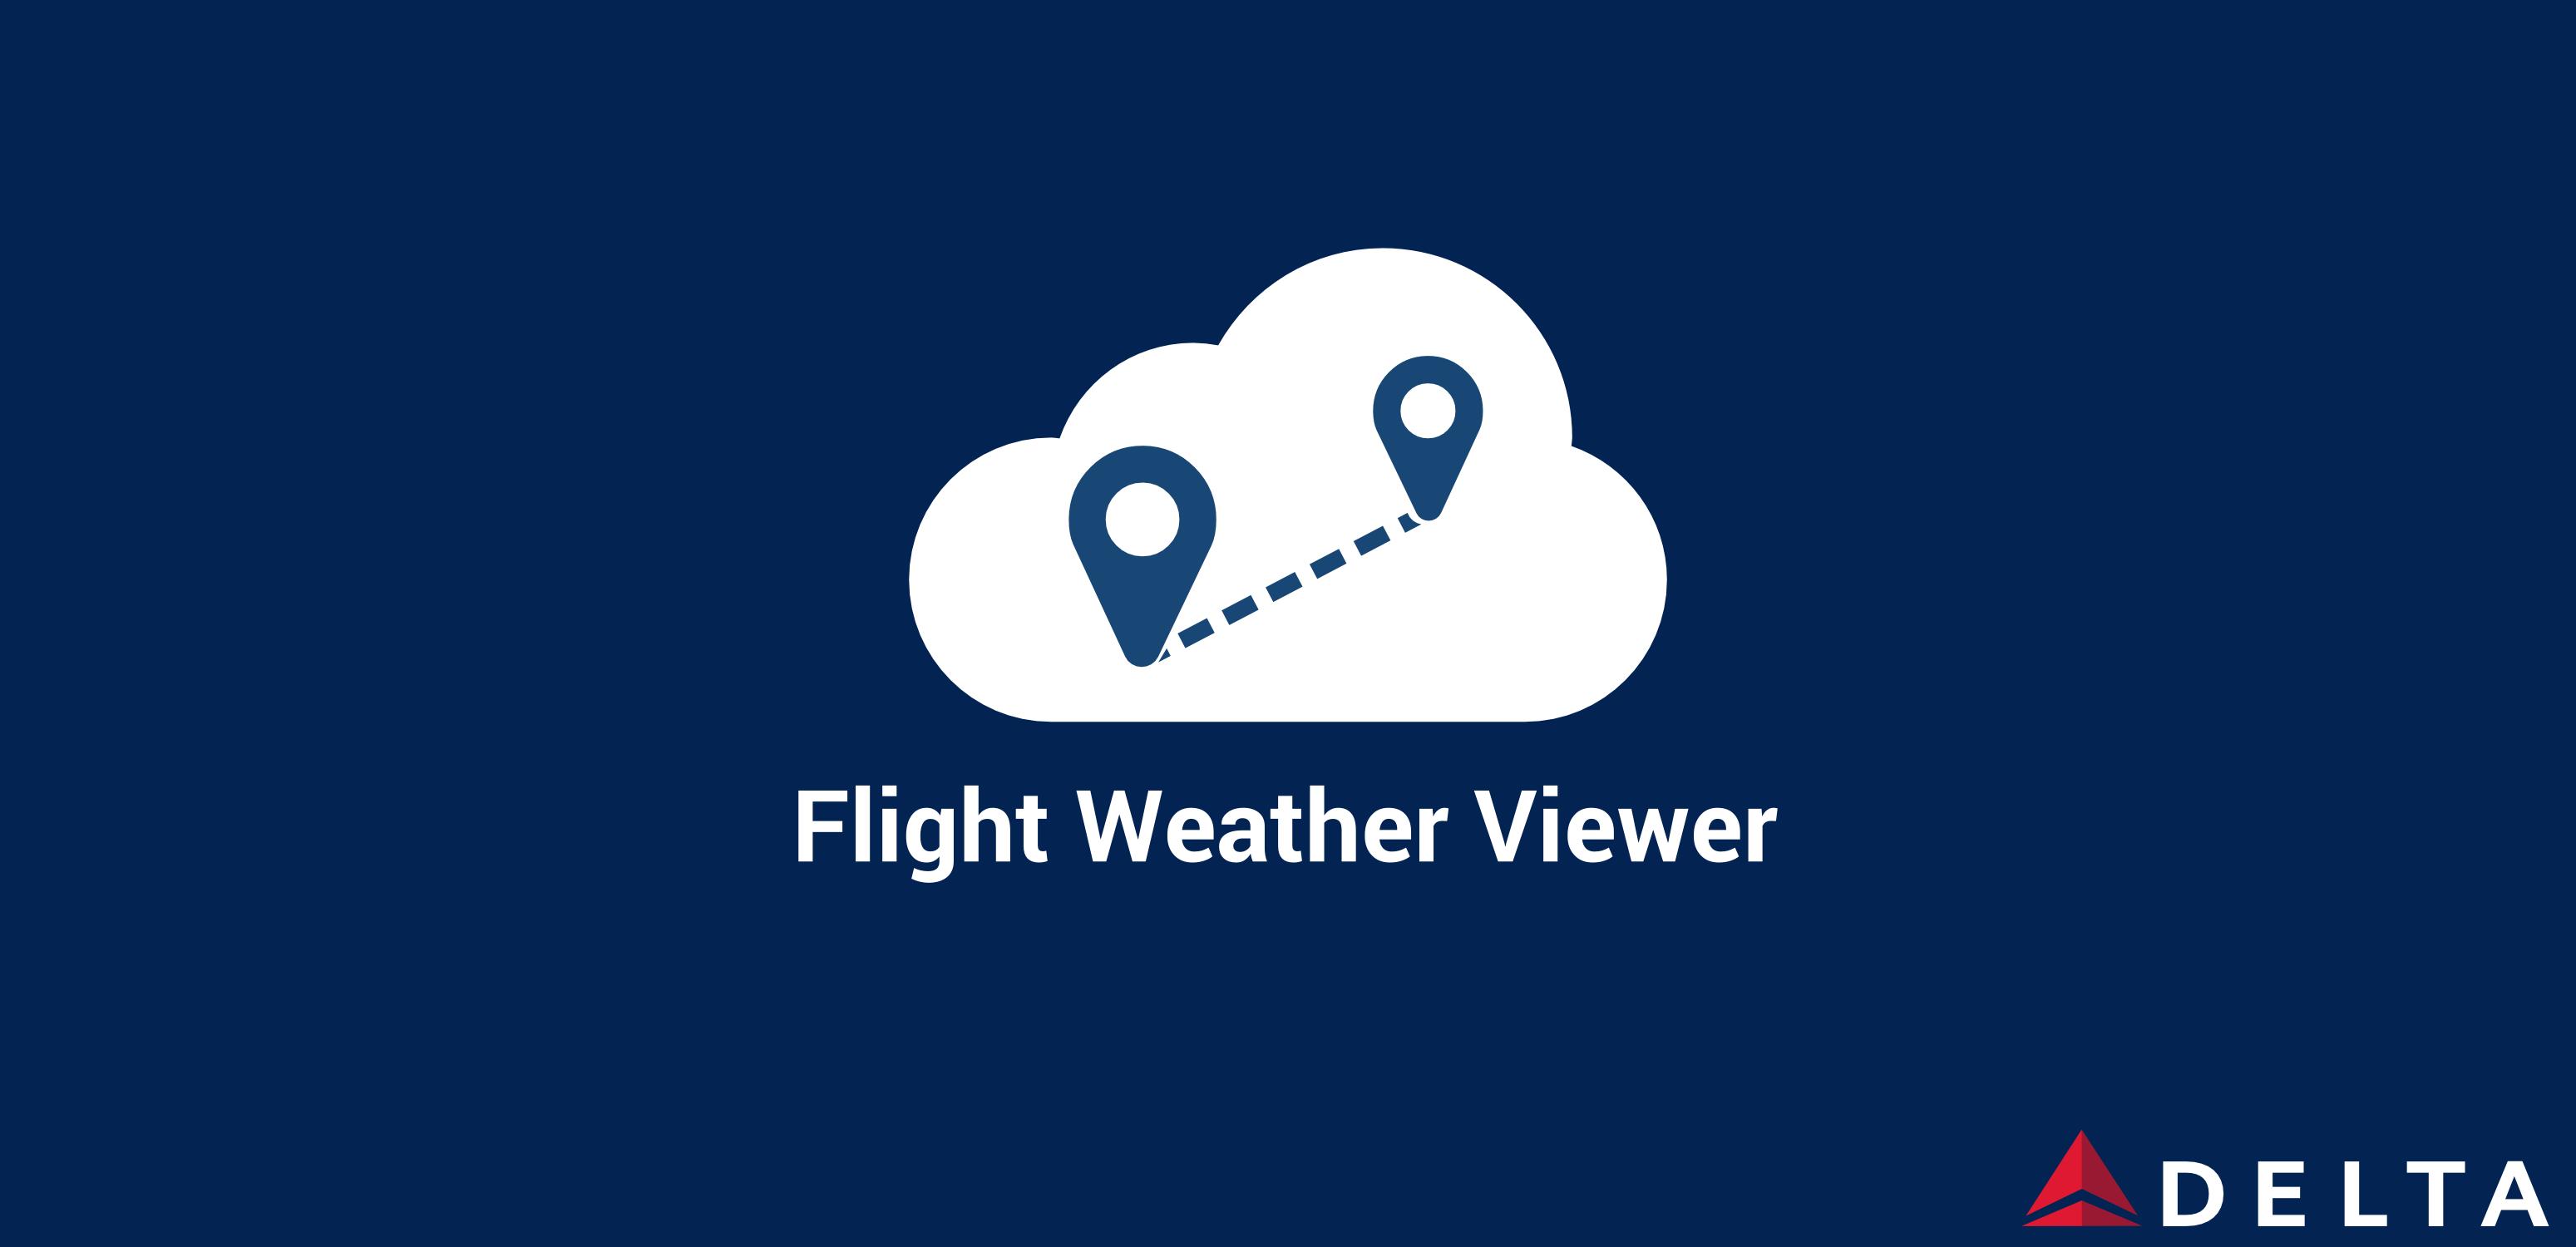 Flight Weather Viewer app icon 2